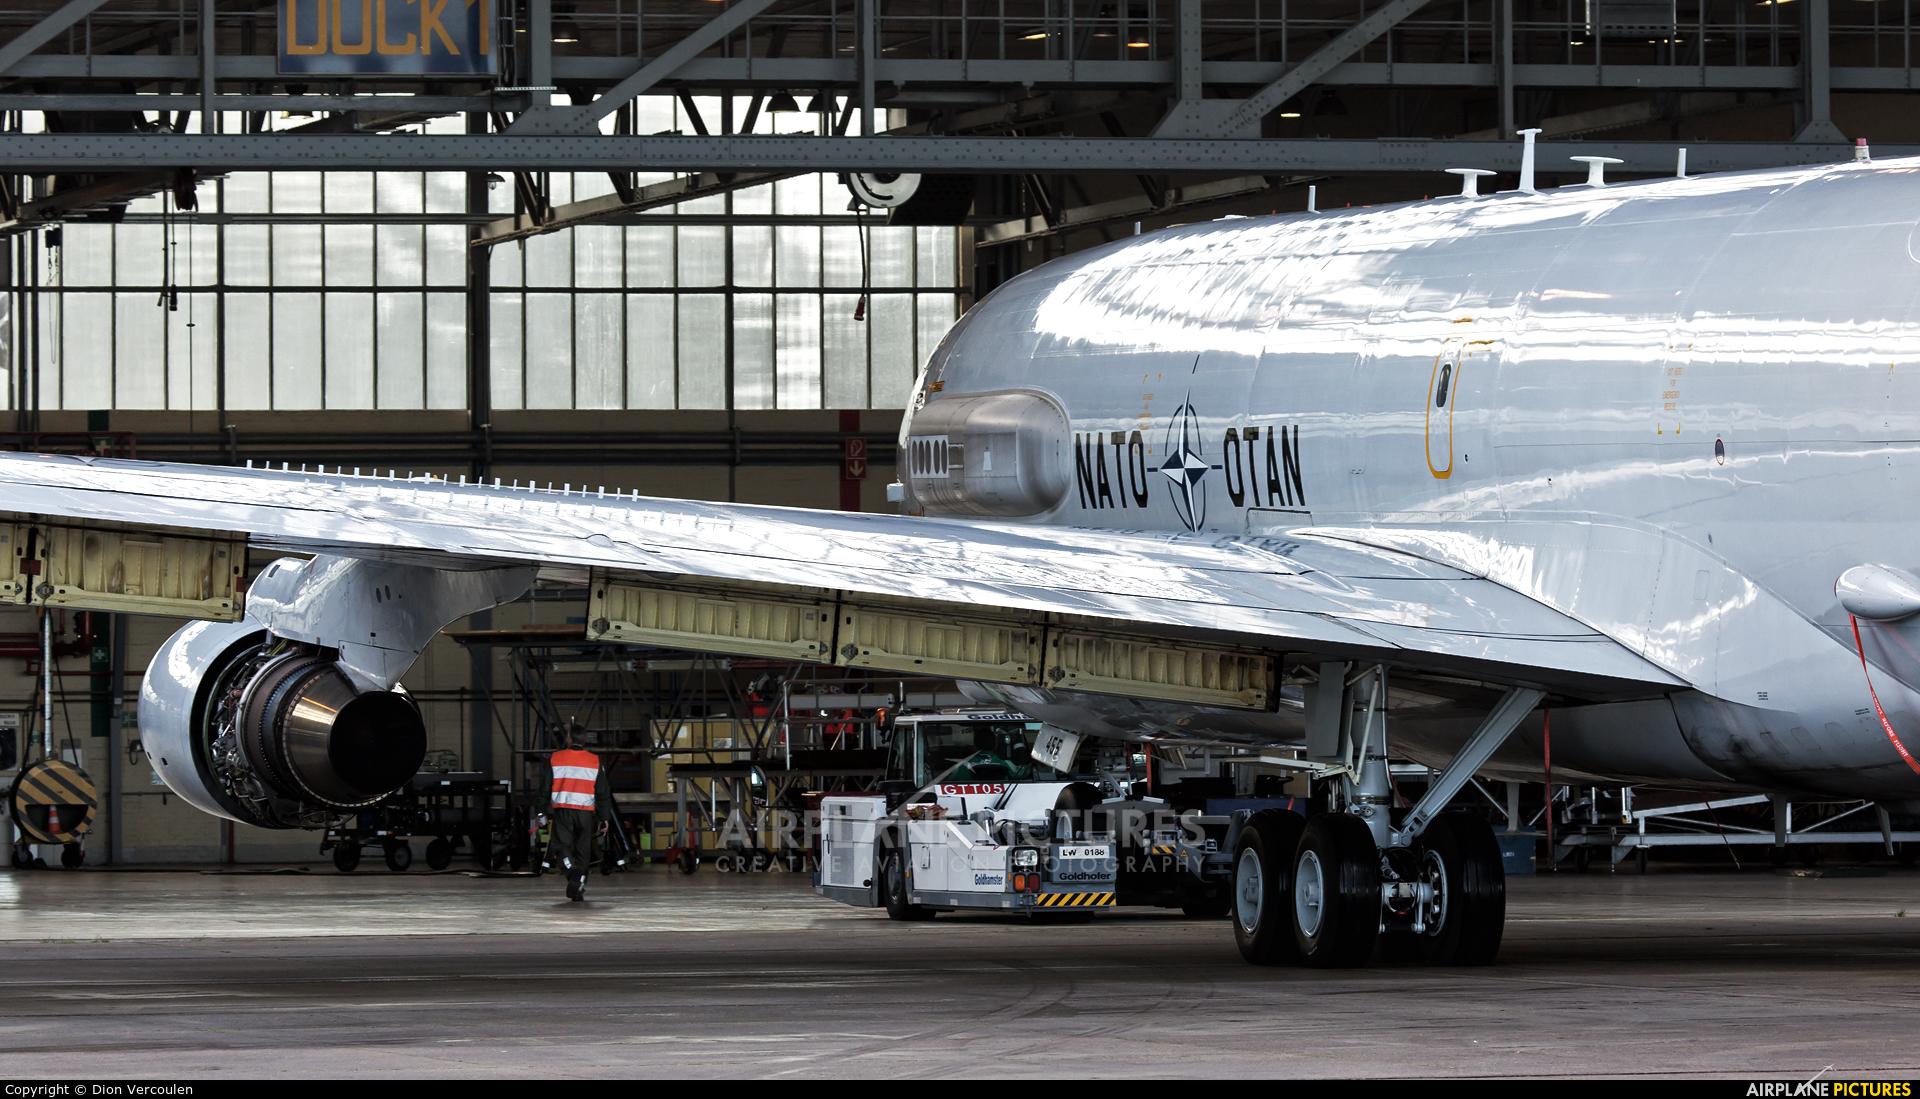 NATO LX-N90455 aircraft at Geilenkirchen